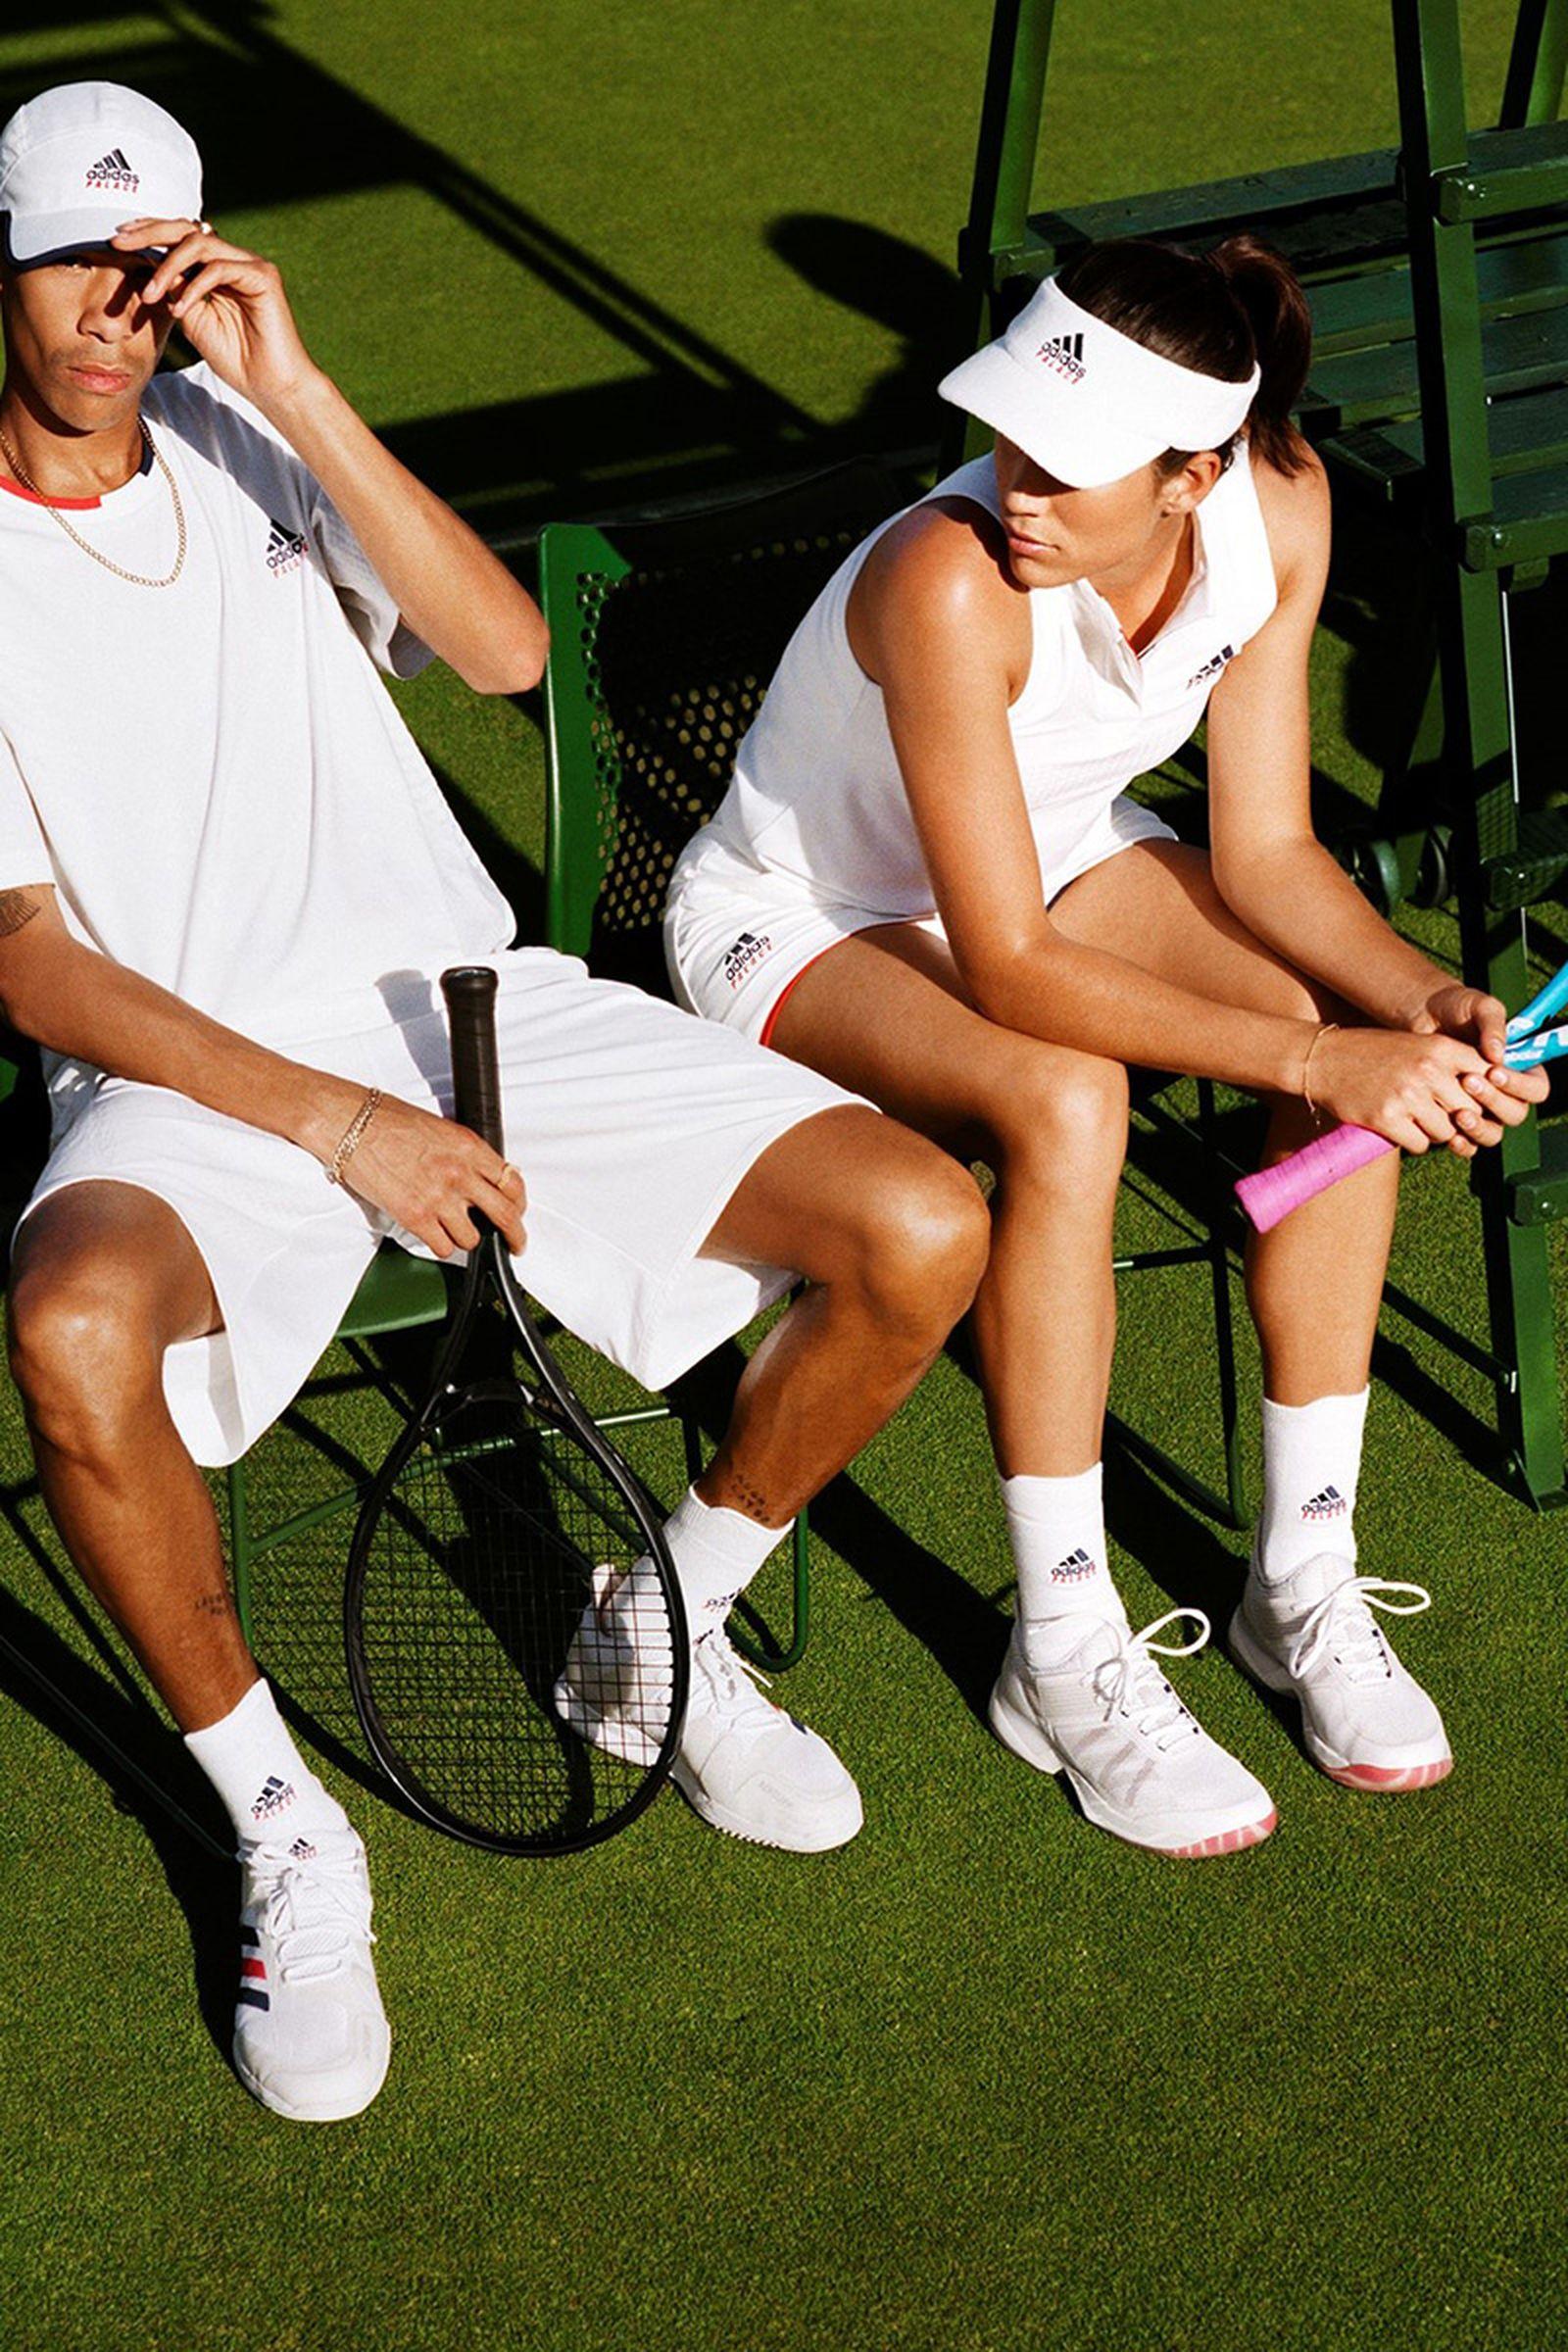 adidas originals palace tennis07 Wimbledon adidas Originals x Palace adidas tennis x palace